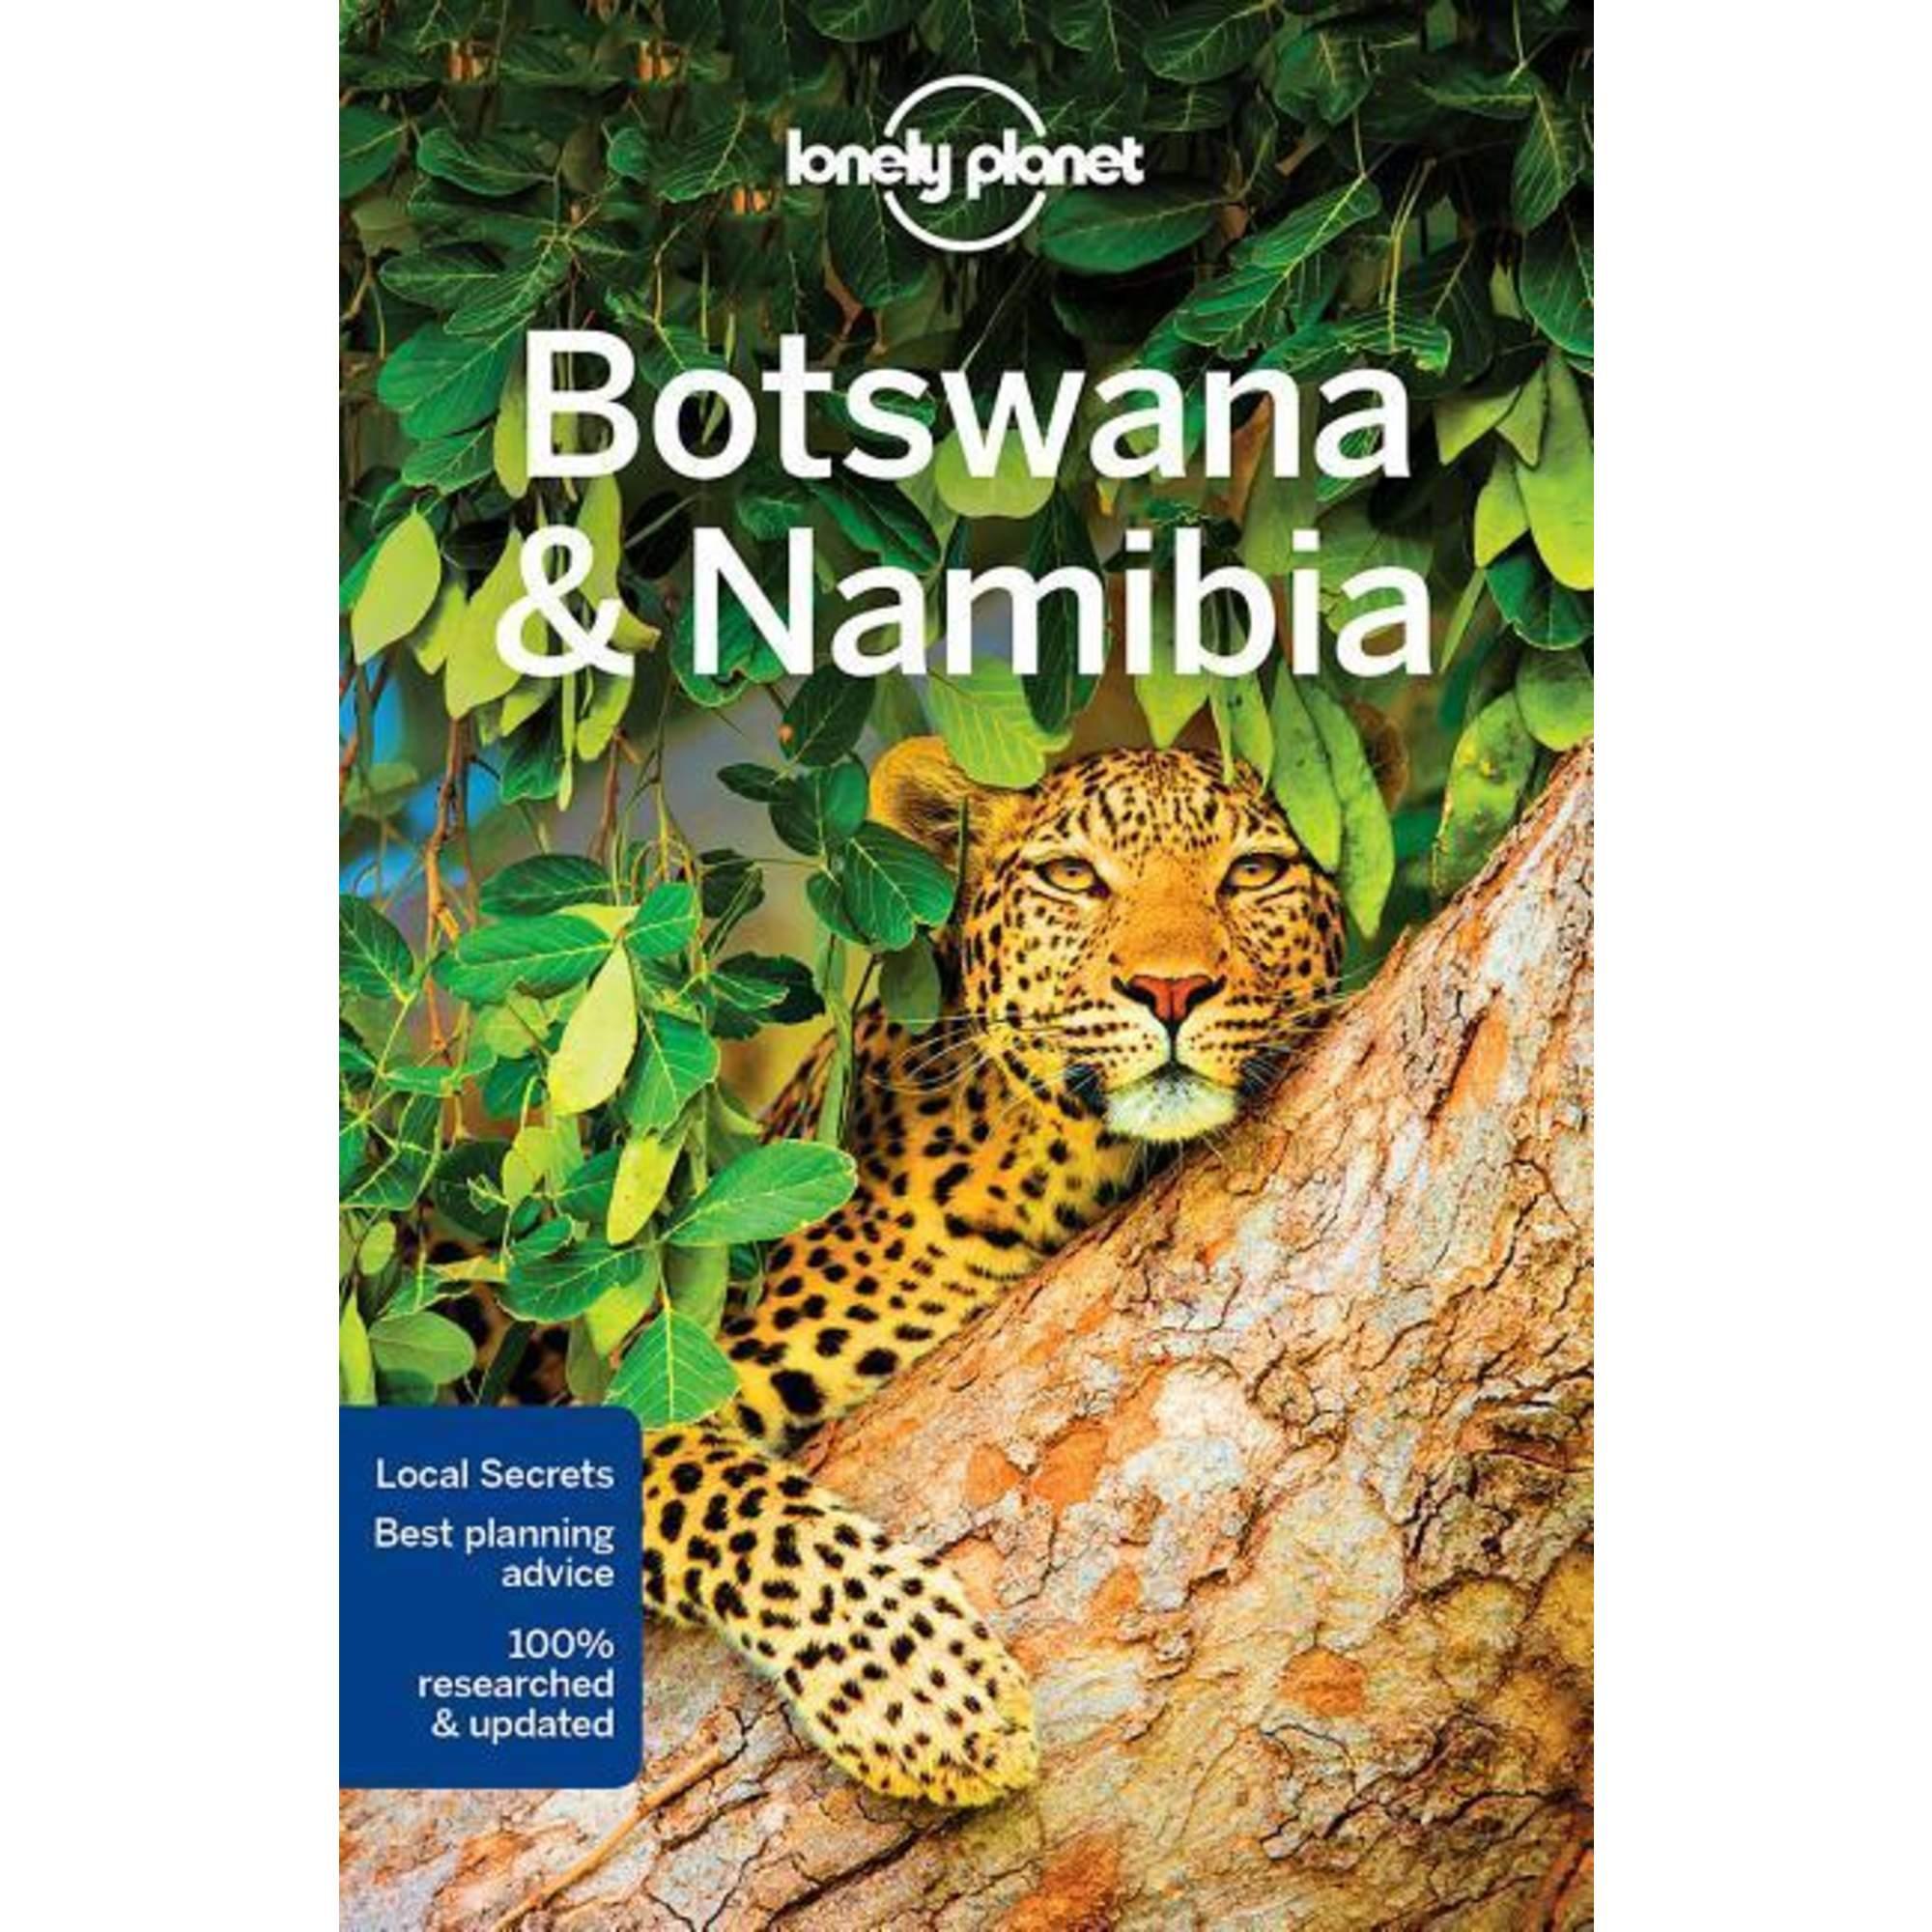 Botswana & Namibia, 22,90 Euro